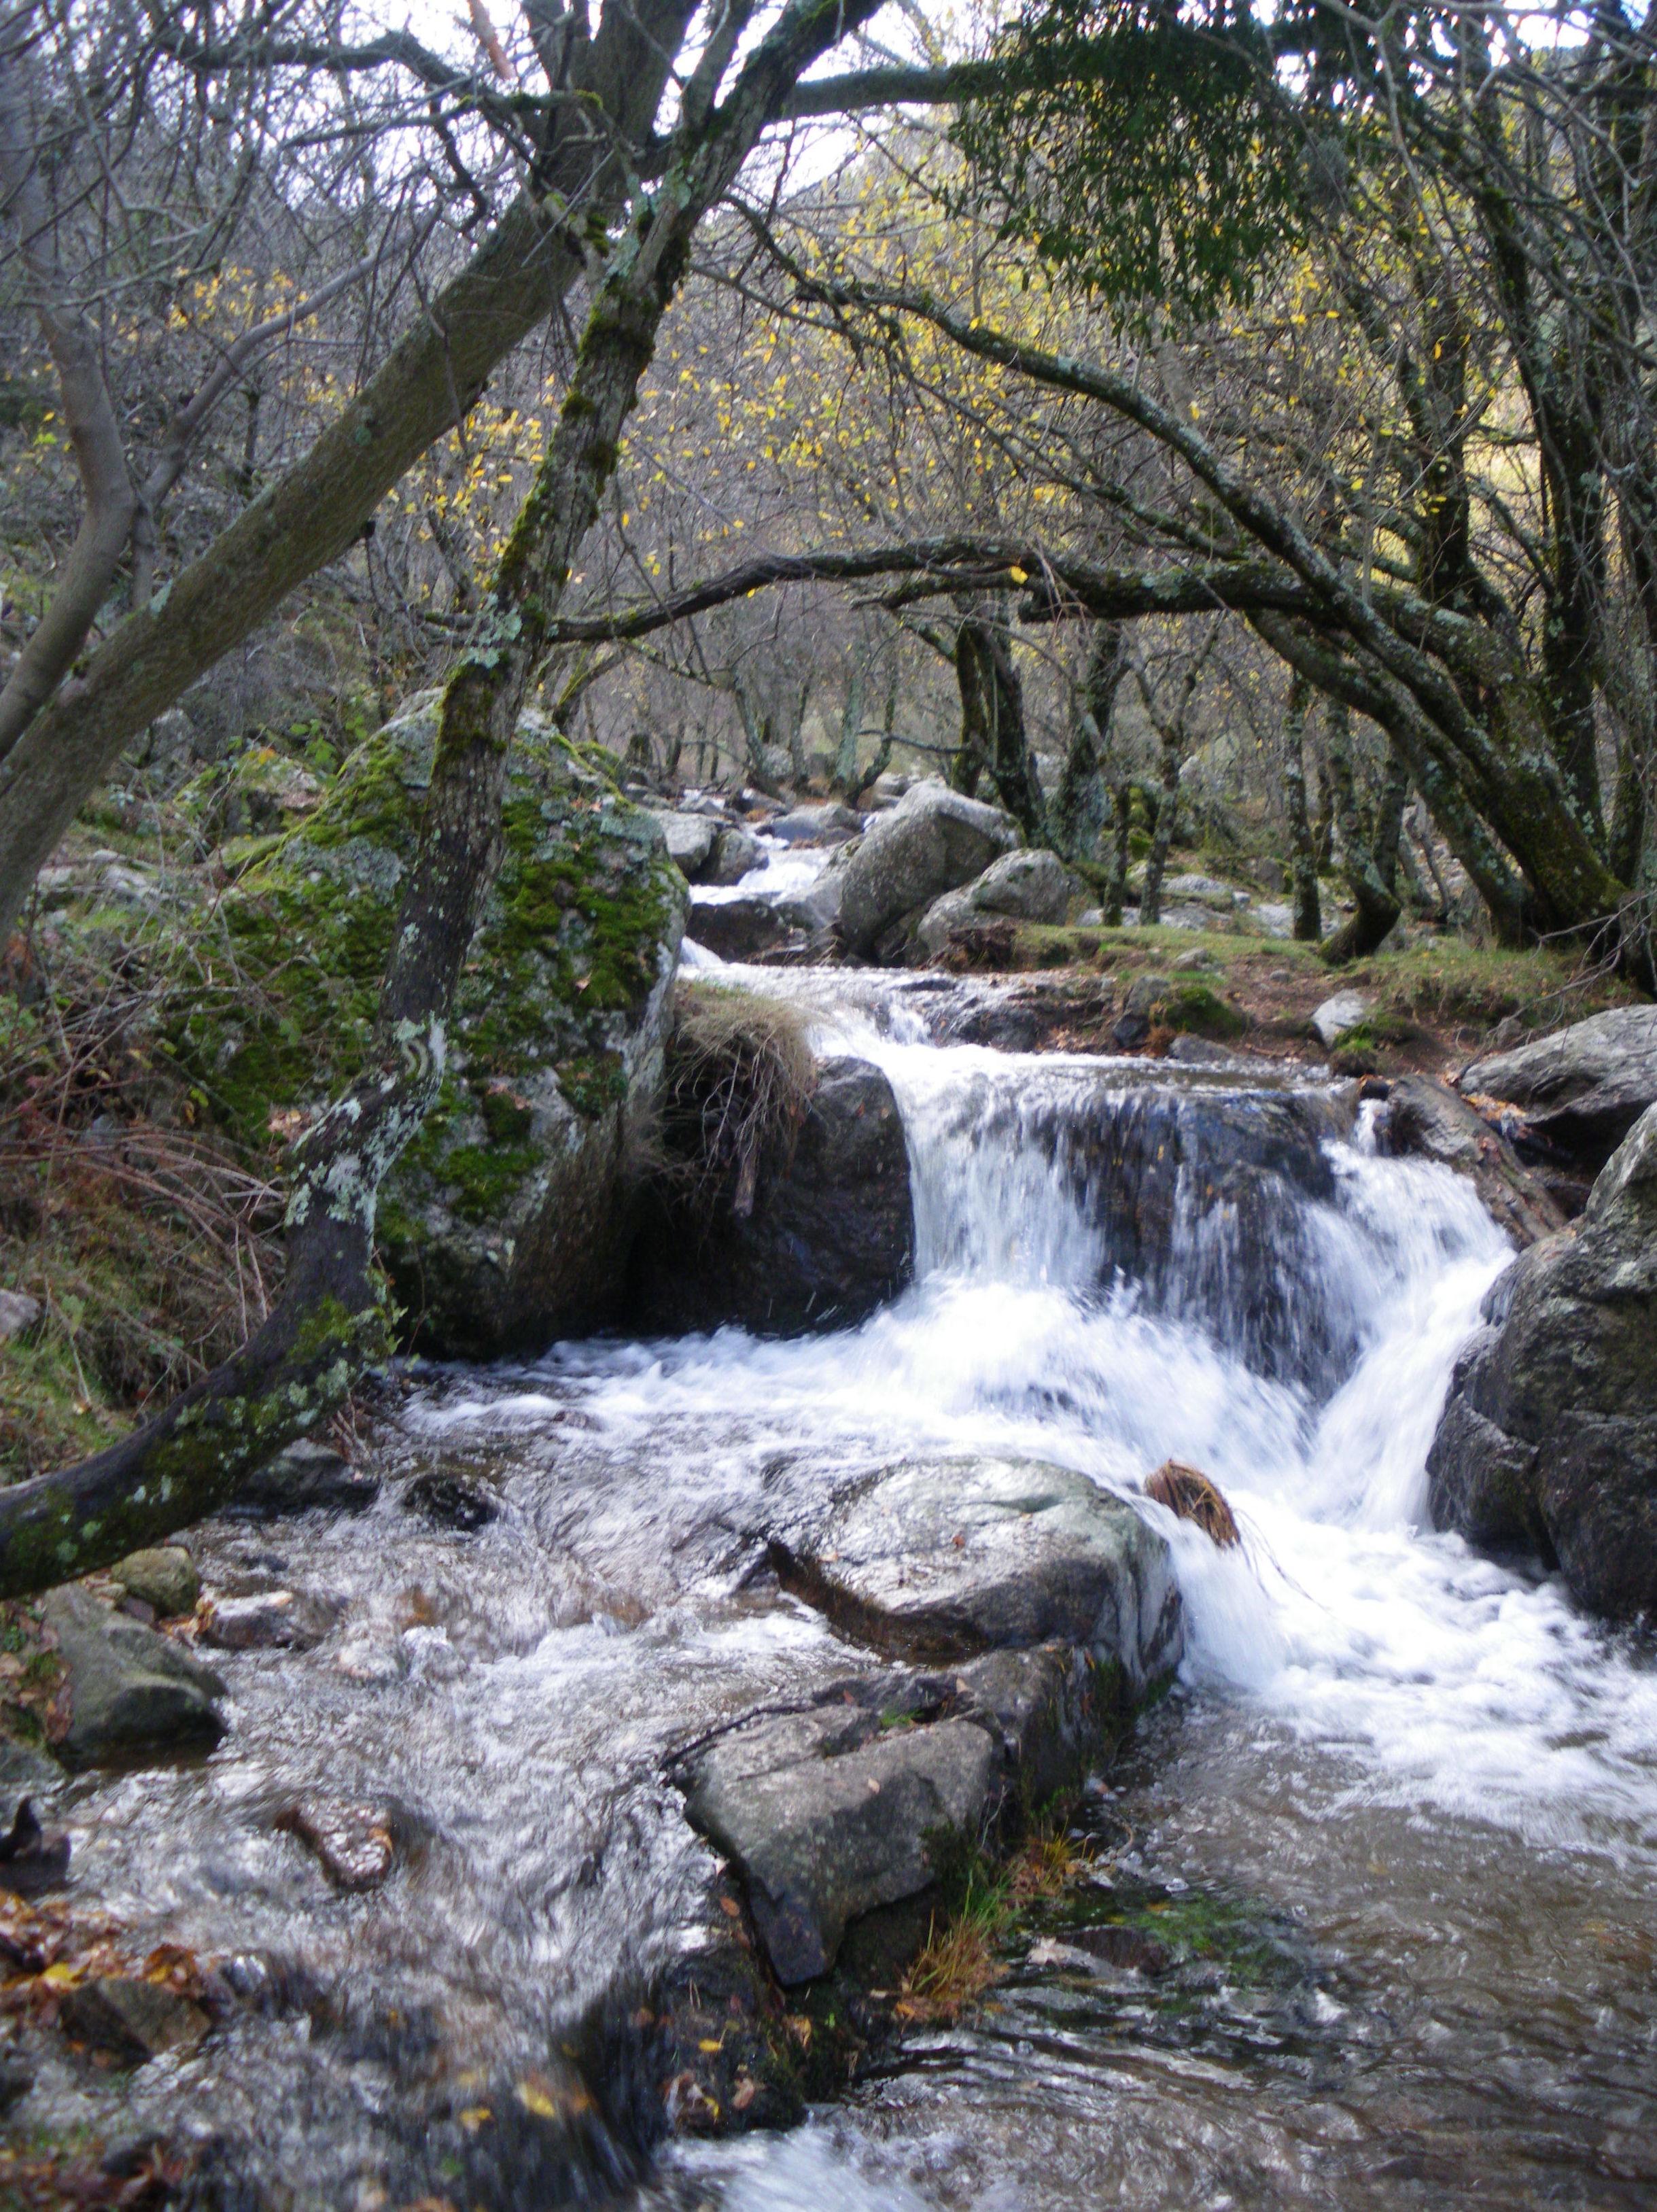 Dia 12 ENERO SENDERISMO Madrid Cascada del Pulgatorio: CALENDARIO DE ACTIVIDADES de Información